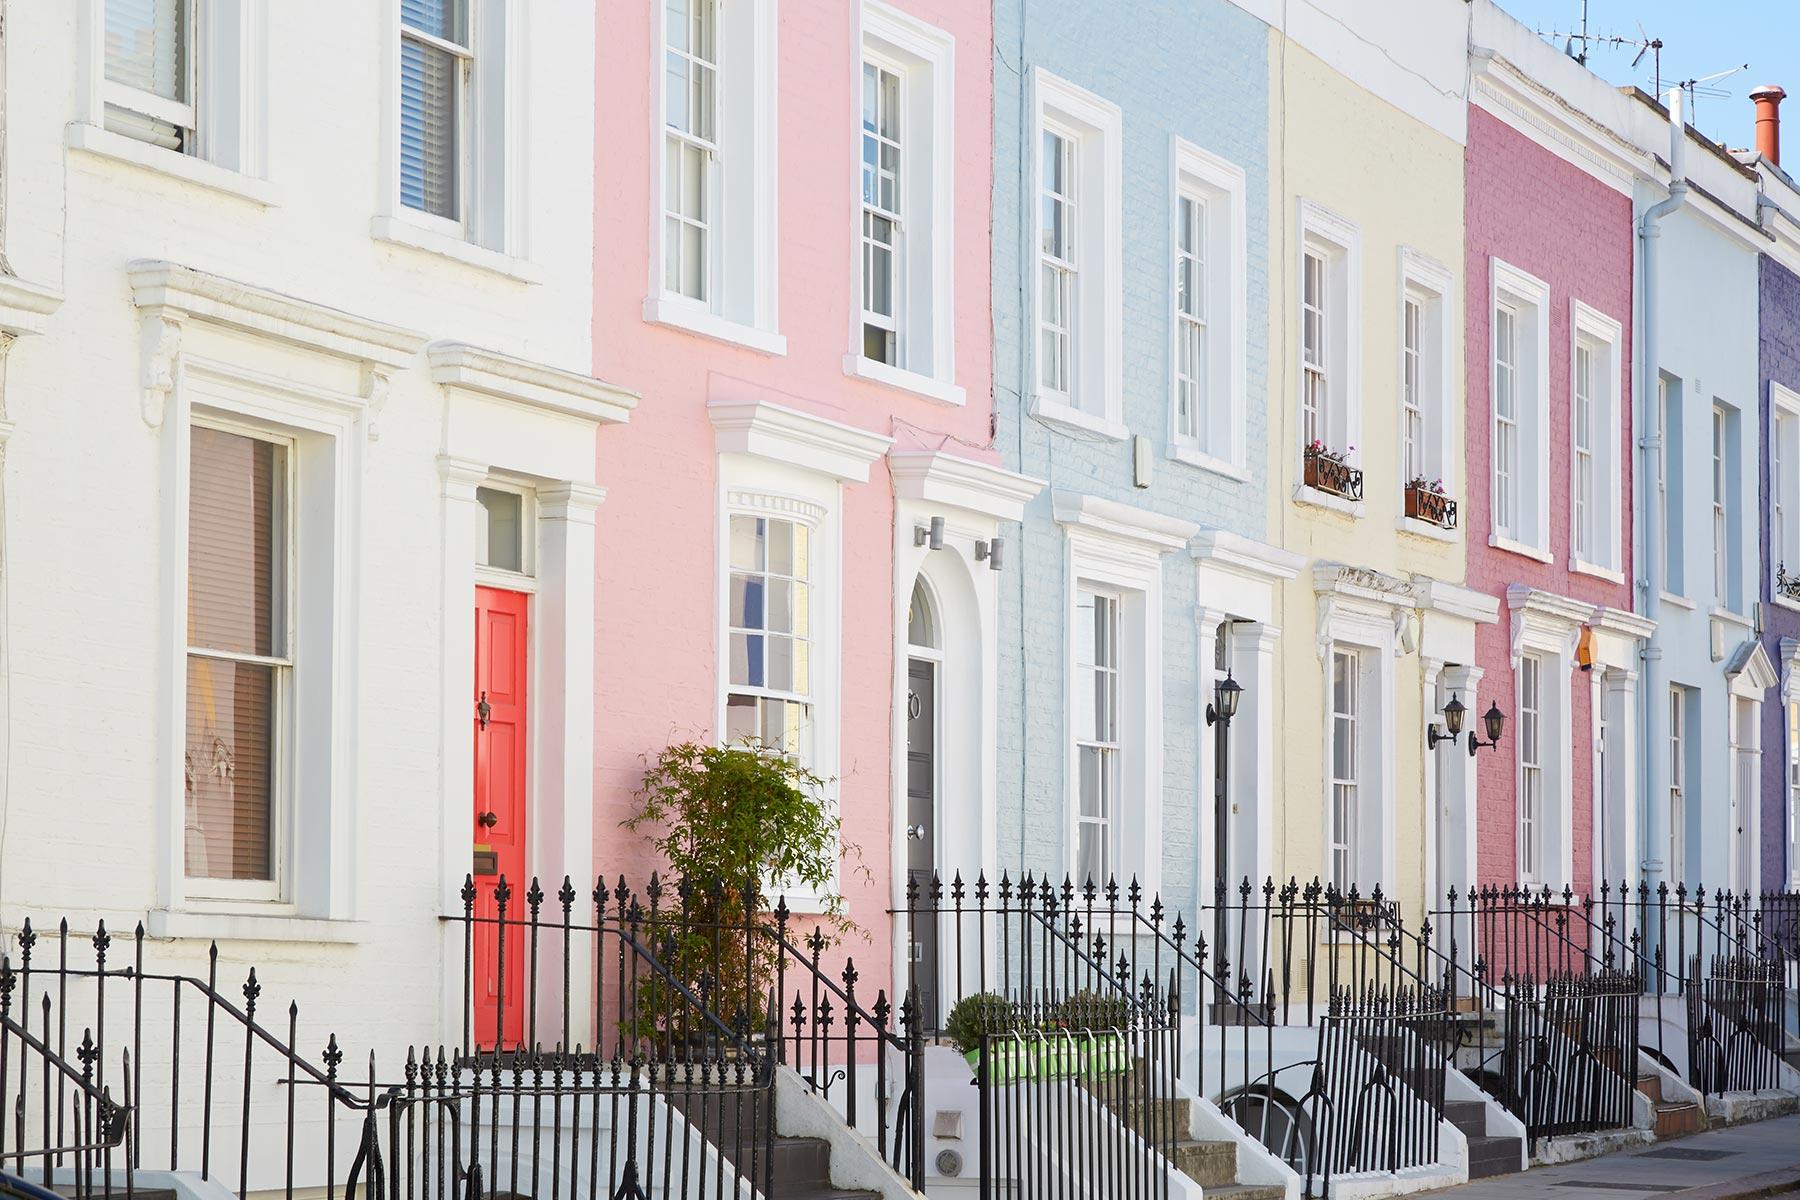 London Housing Market – Coronavirus Update